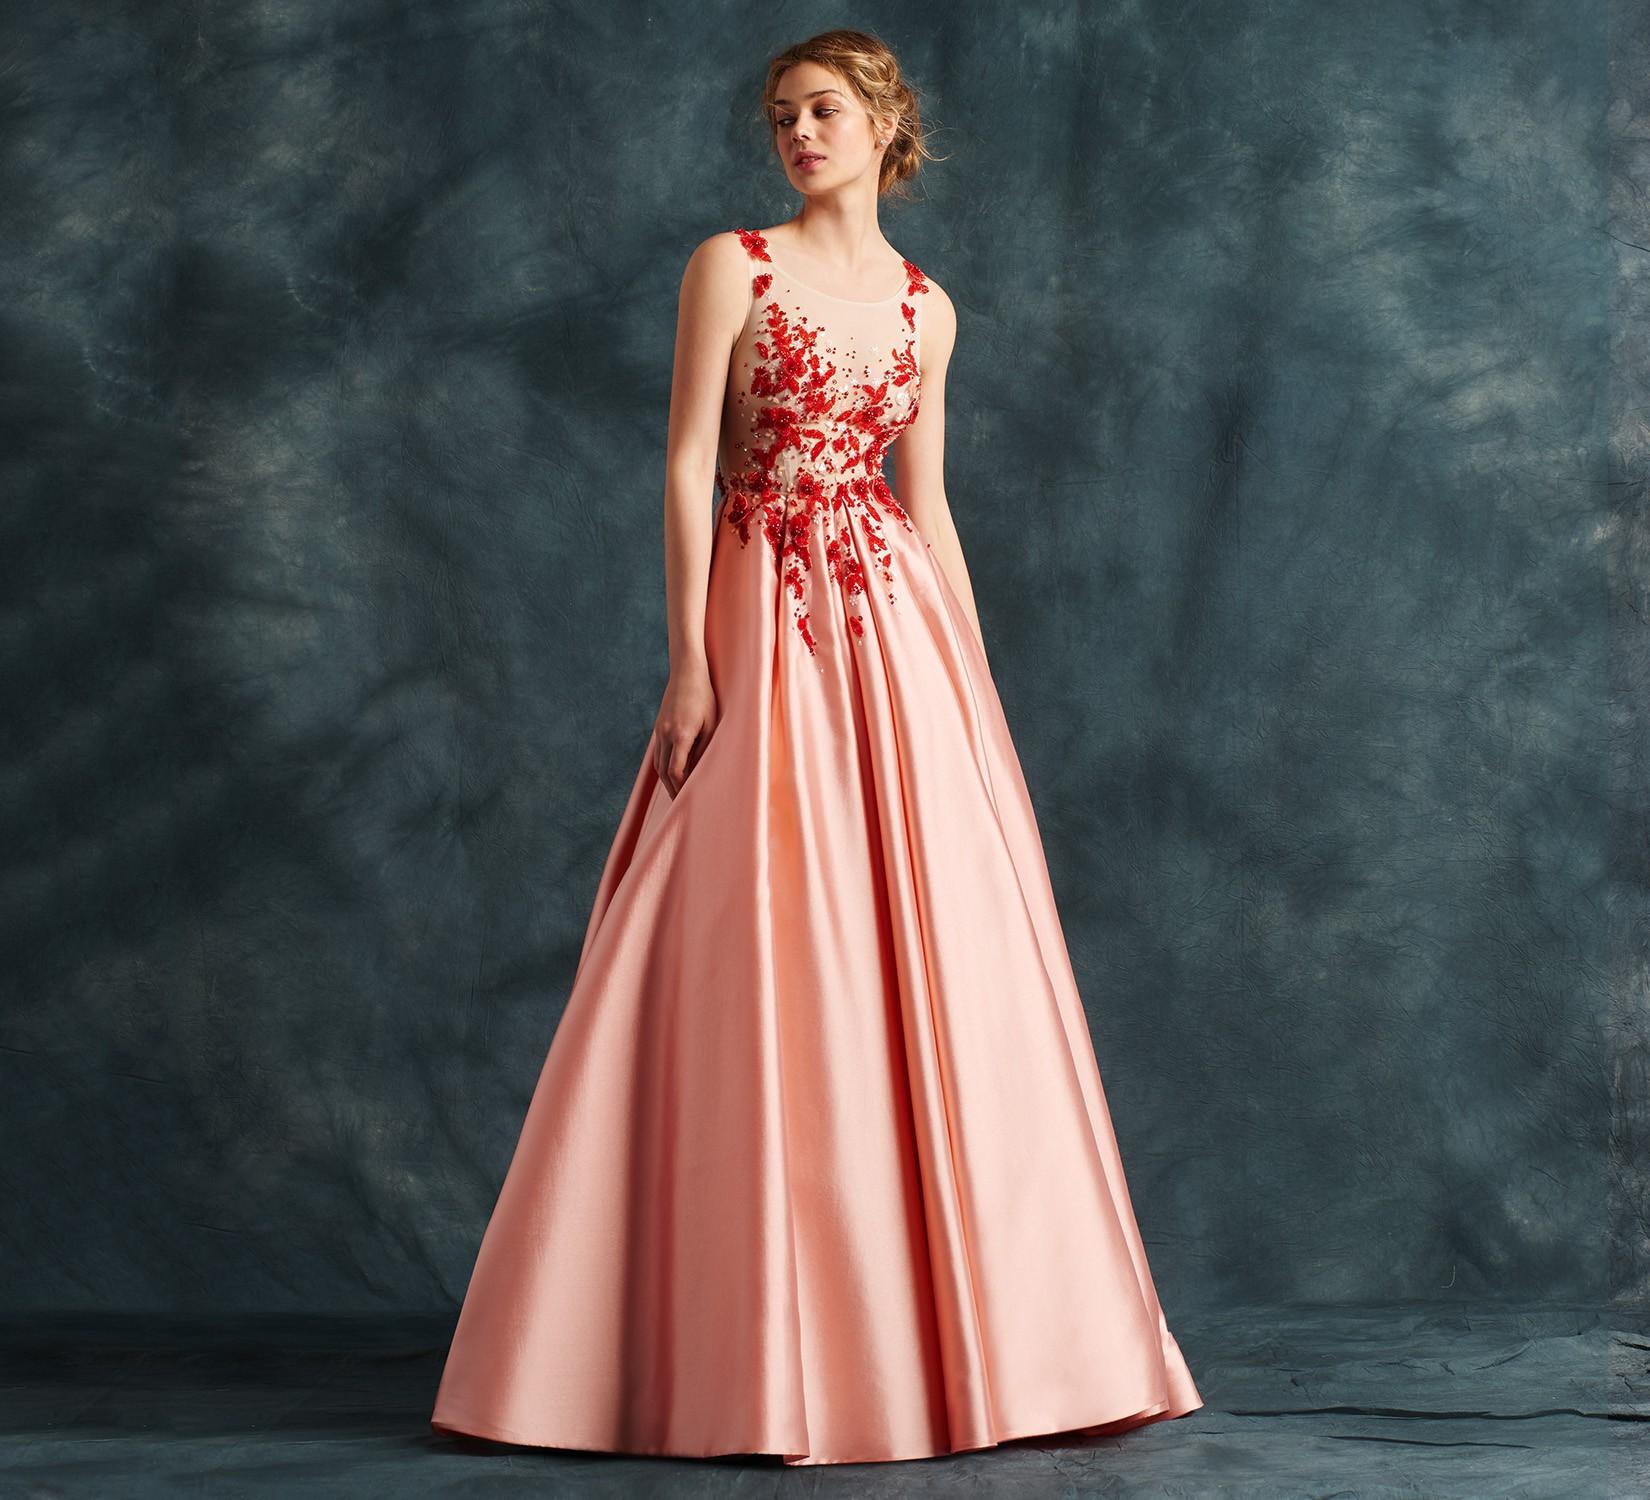 tendenza vestito da sposa, vestito colorato dell'atelier Emé